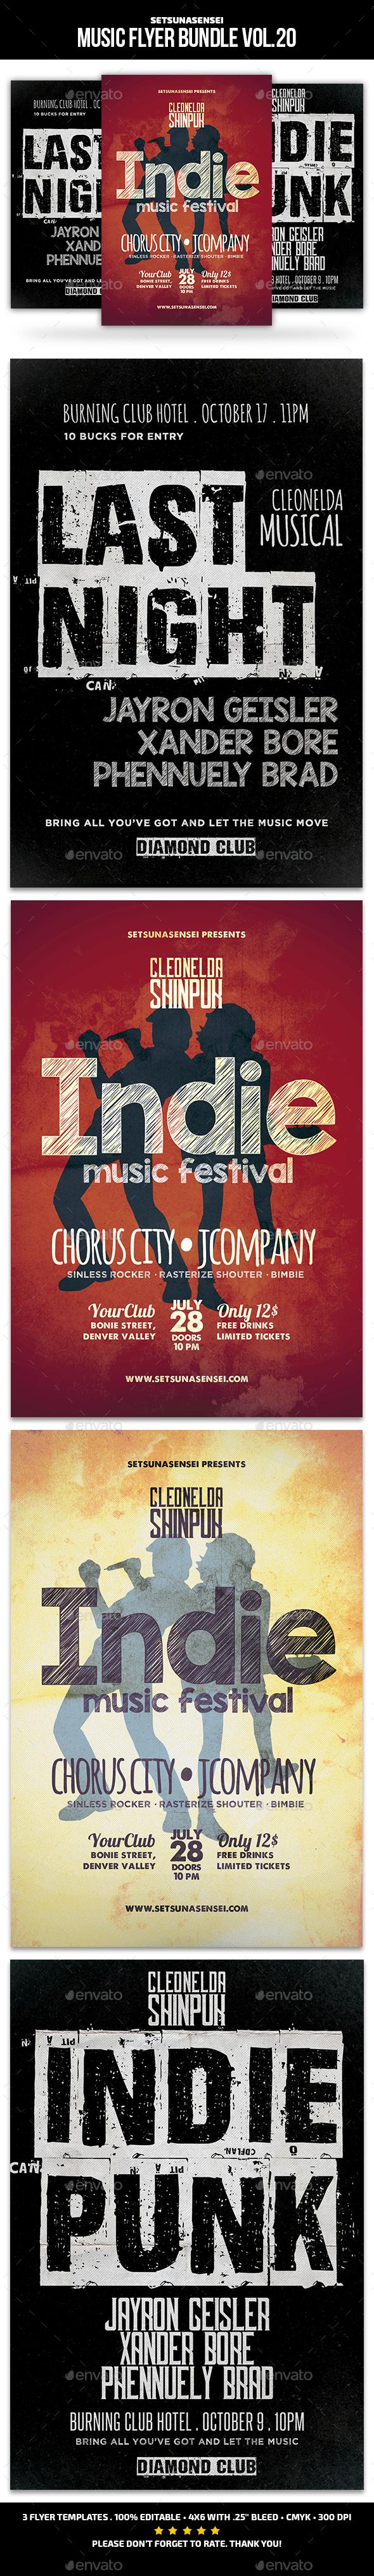 Music Flyer Bundle Vol. 20 - Concerts Events